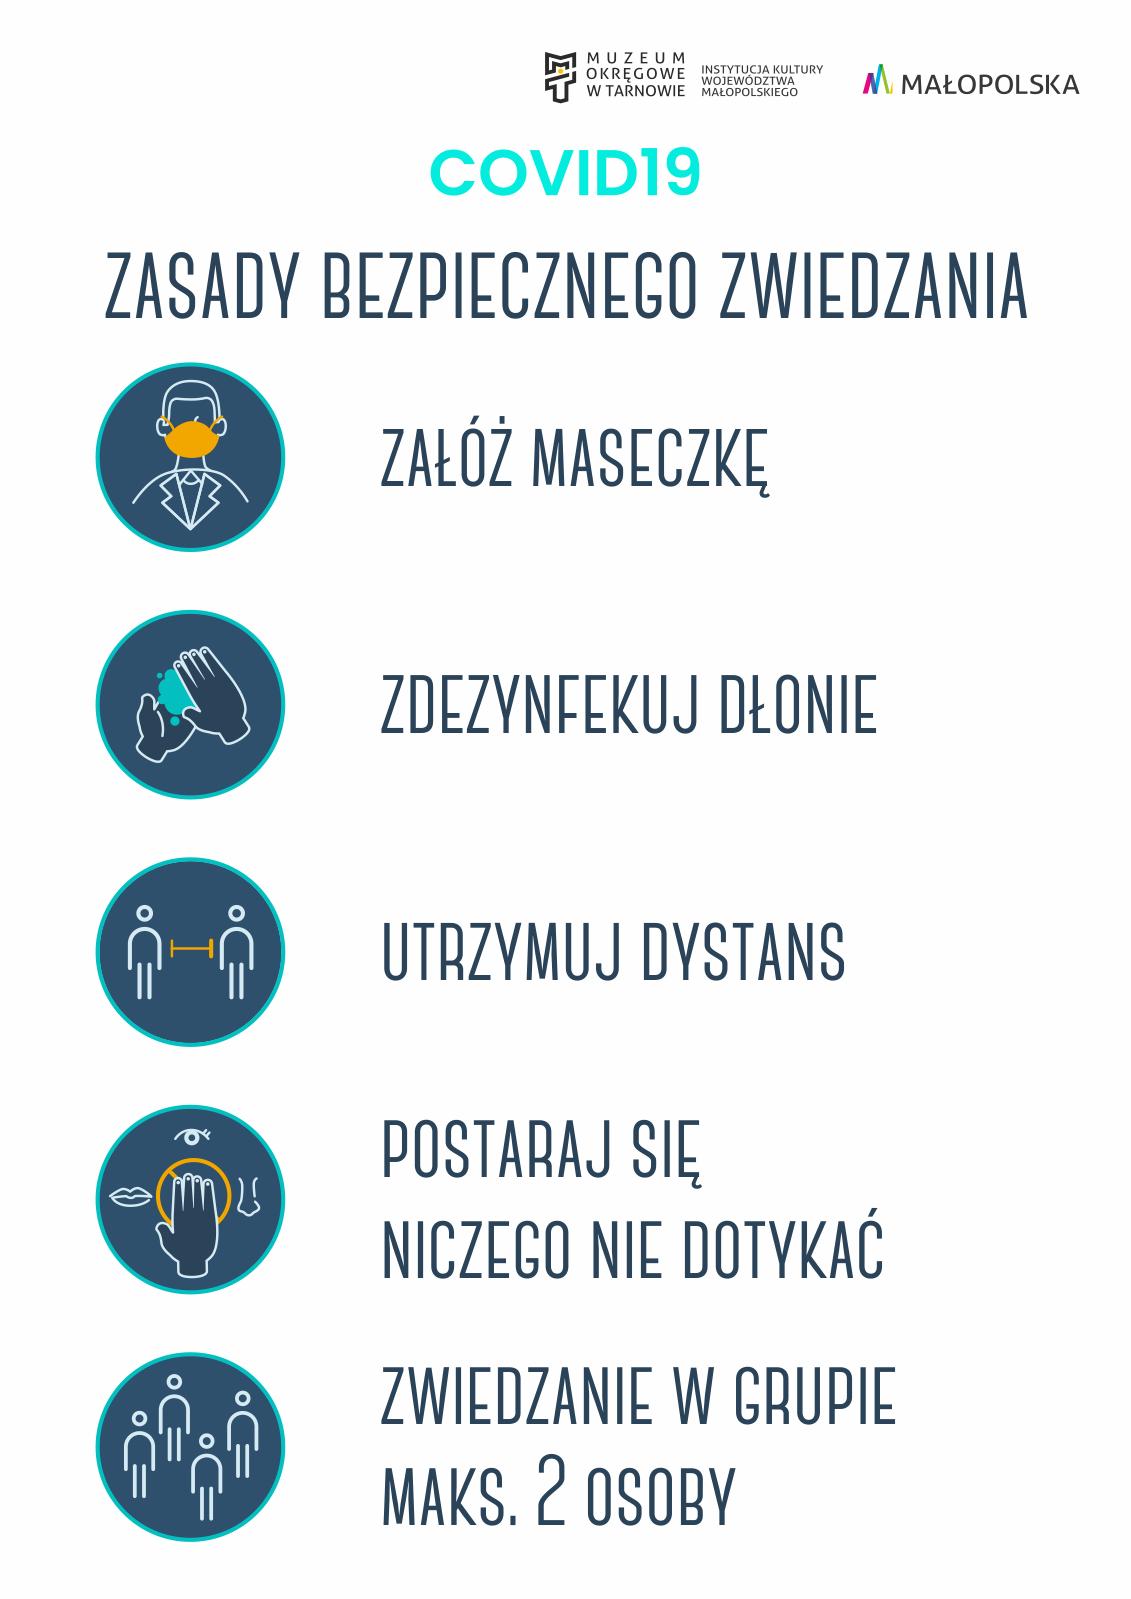 infografika przedstawiająca zasady bezpiecznego zwiedzania